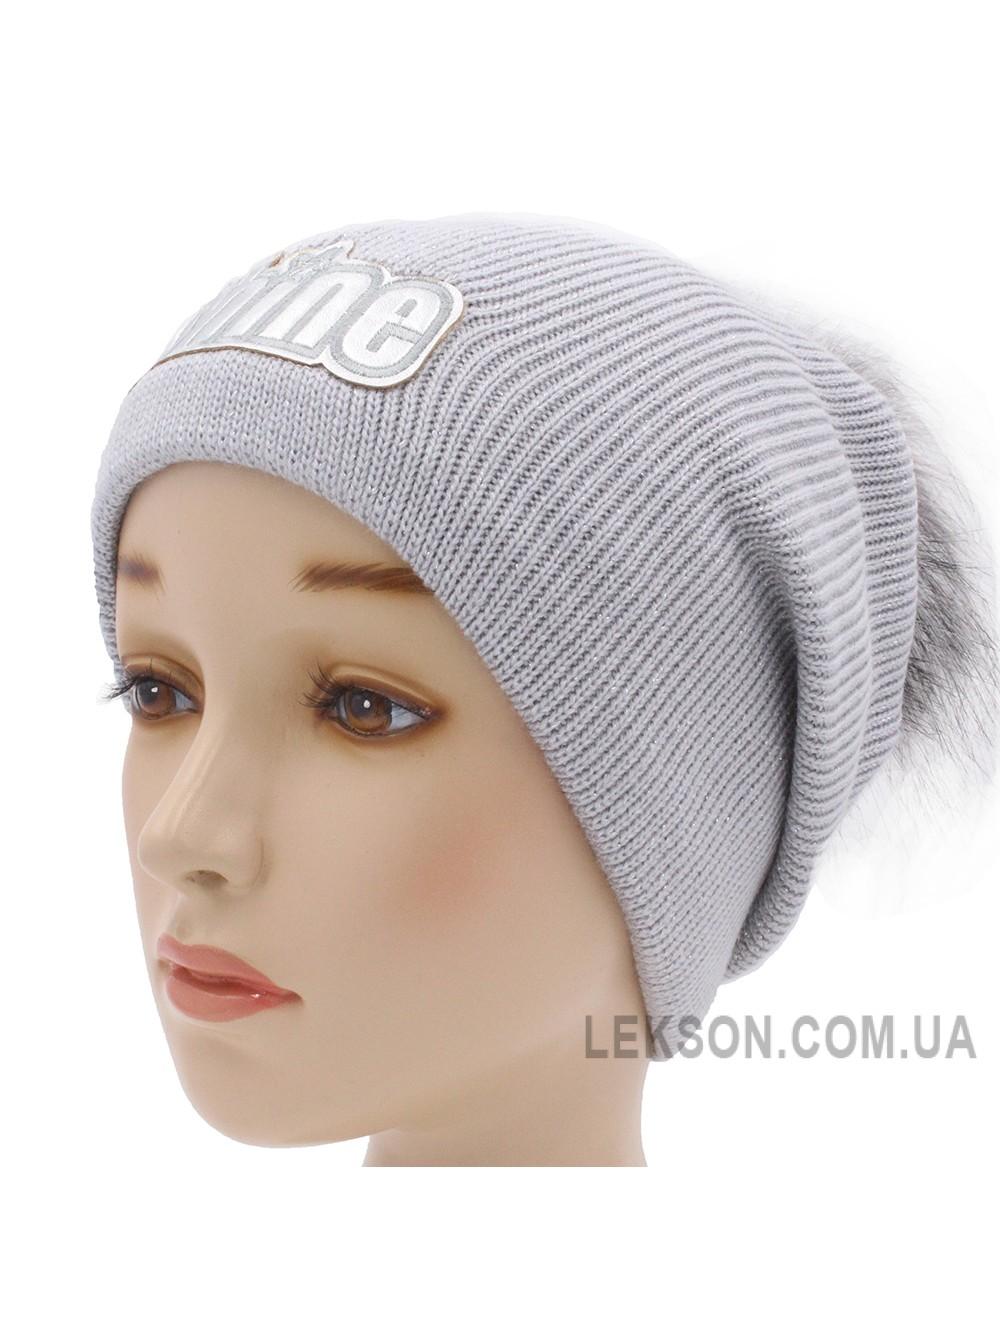 Детская вязаная шапка Шайн D47128-48-52